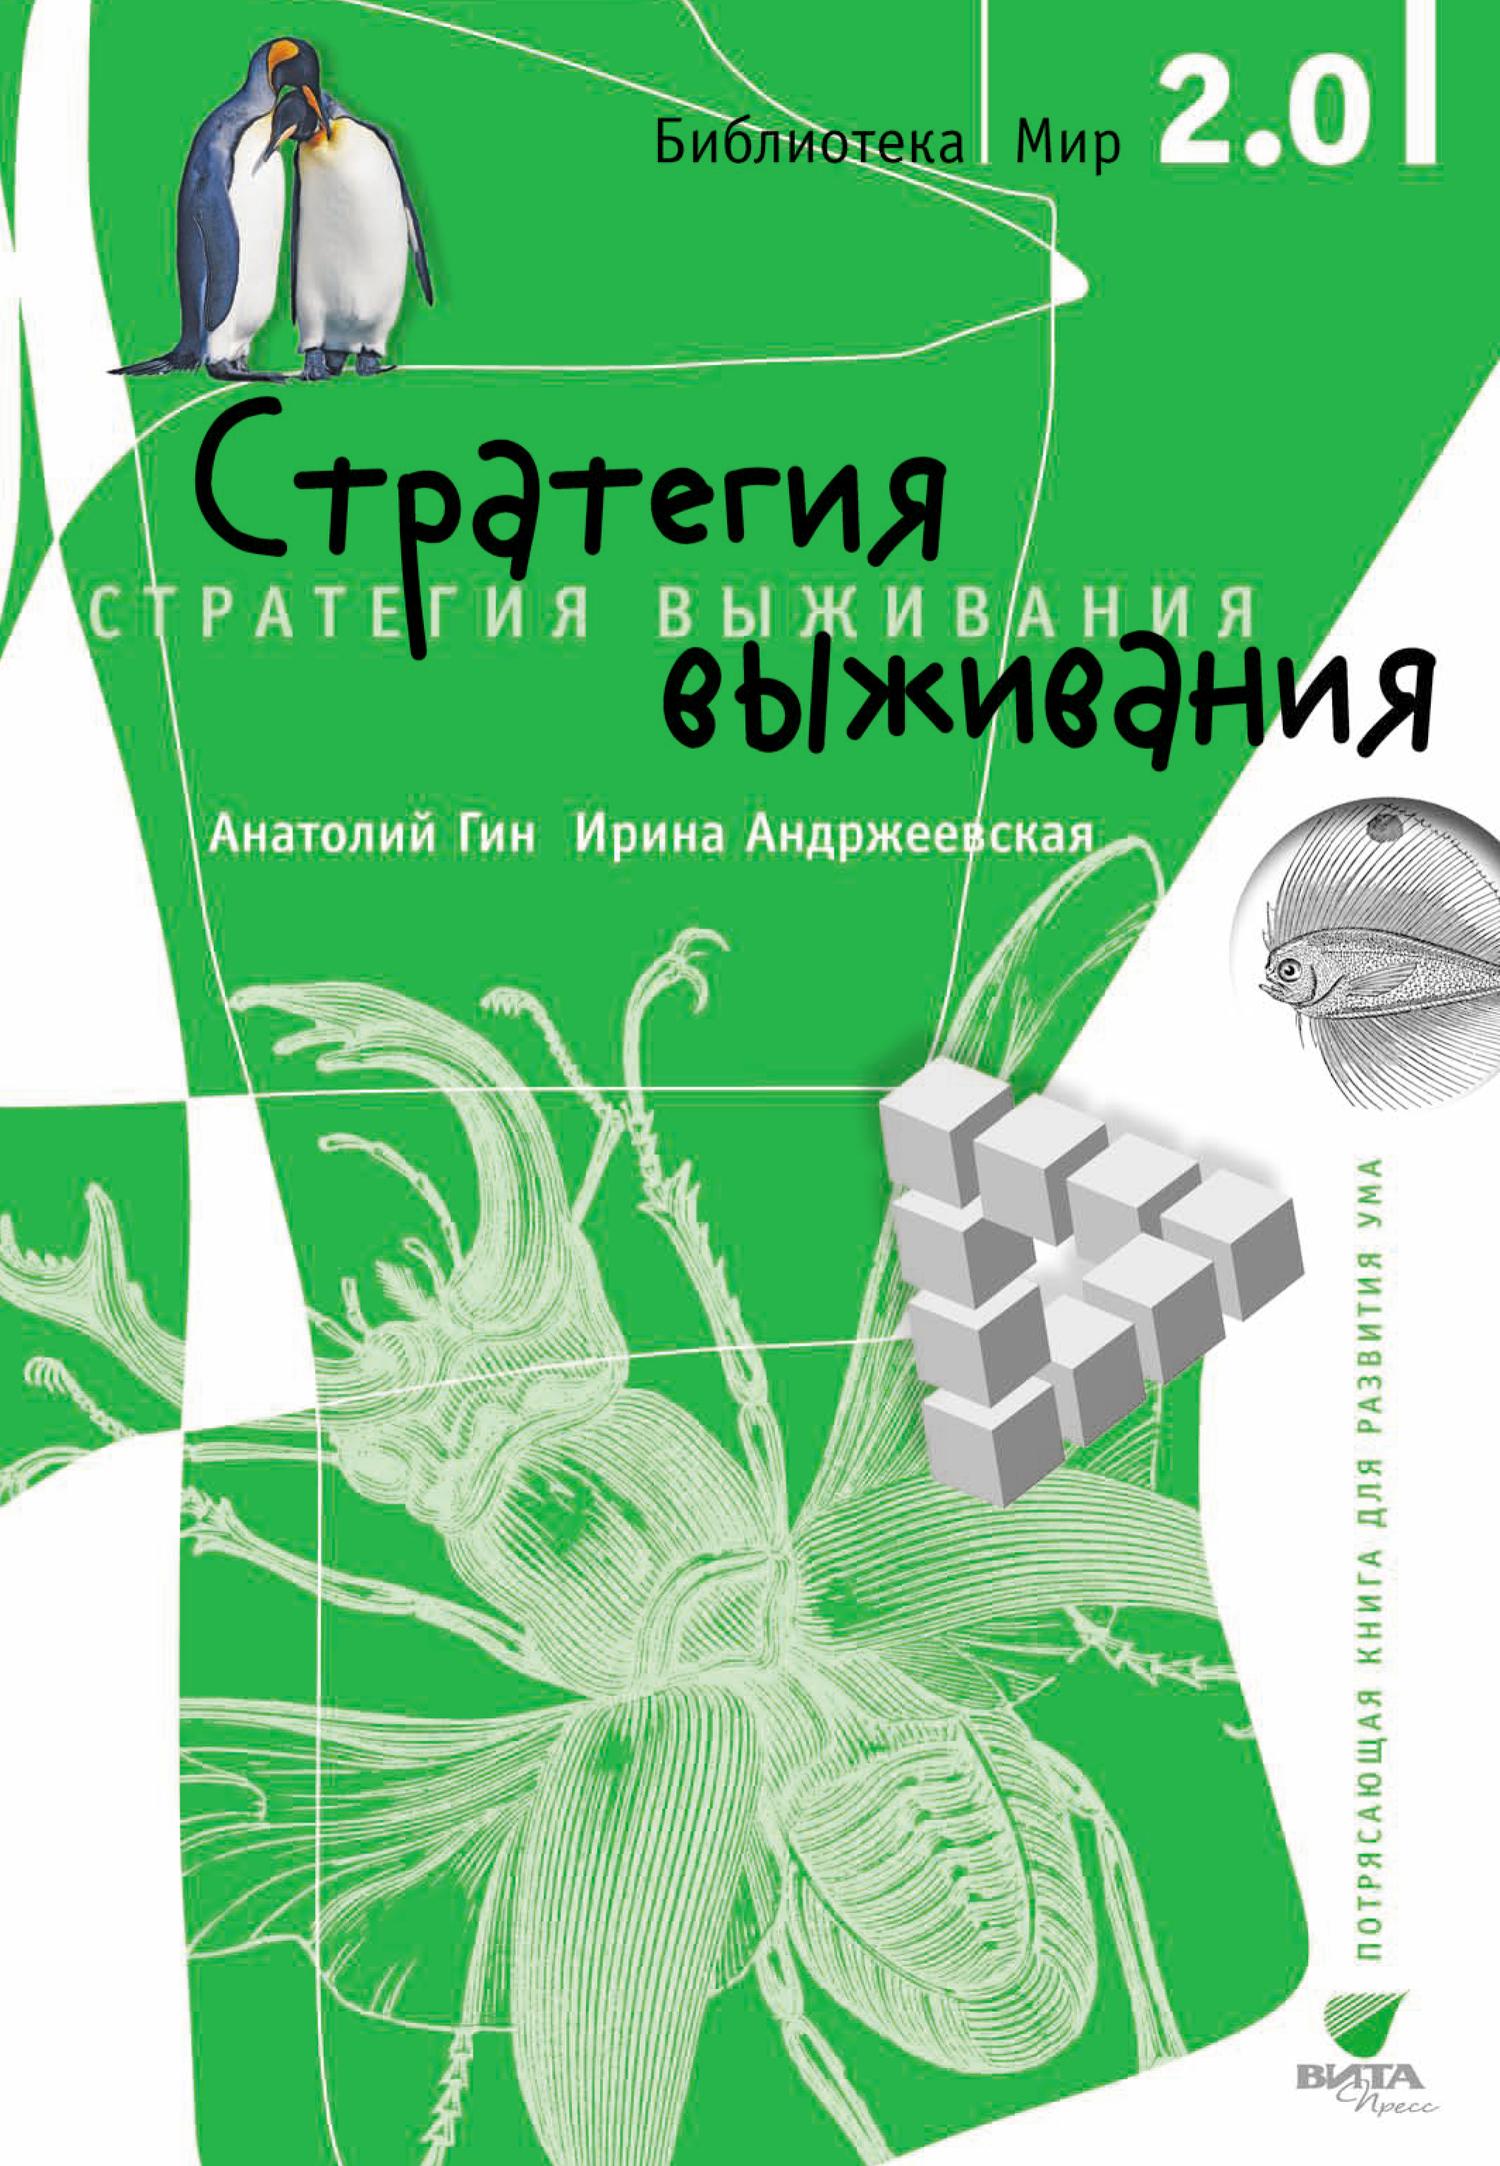 Анатолий Гин. Стратегия выживания